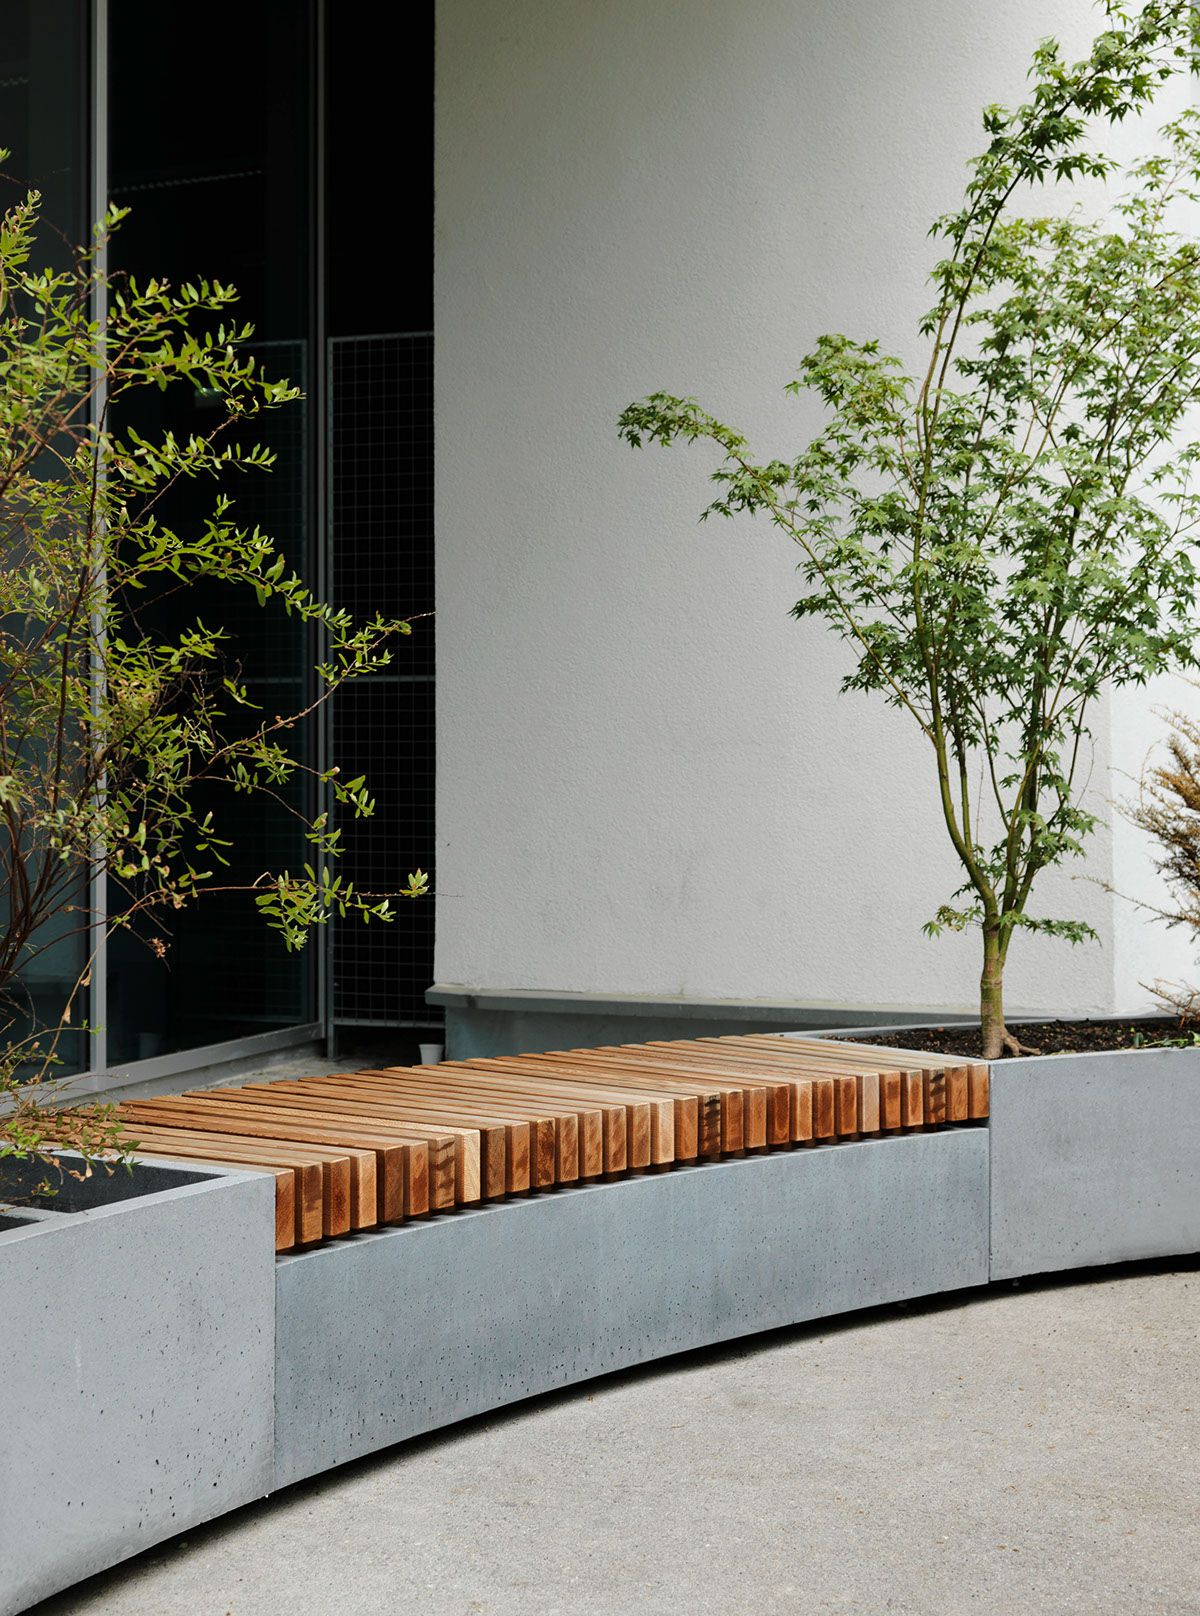 neugestaltung eines innenhofs in wien mit betonelementen pflanzgef e und sitzb nke aus beton. Black Bedroom Furniture Sets. Home Design Ideas